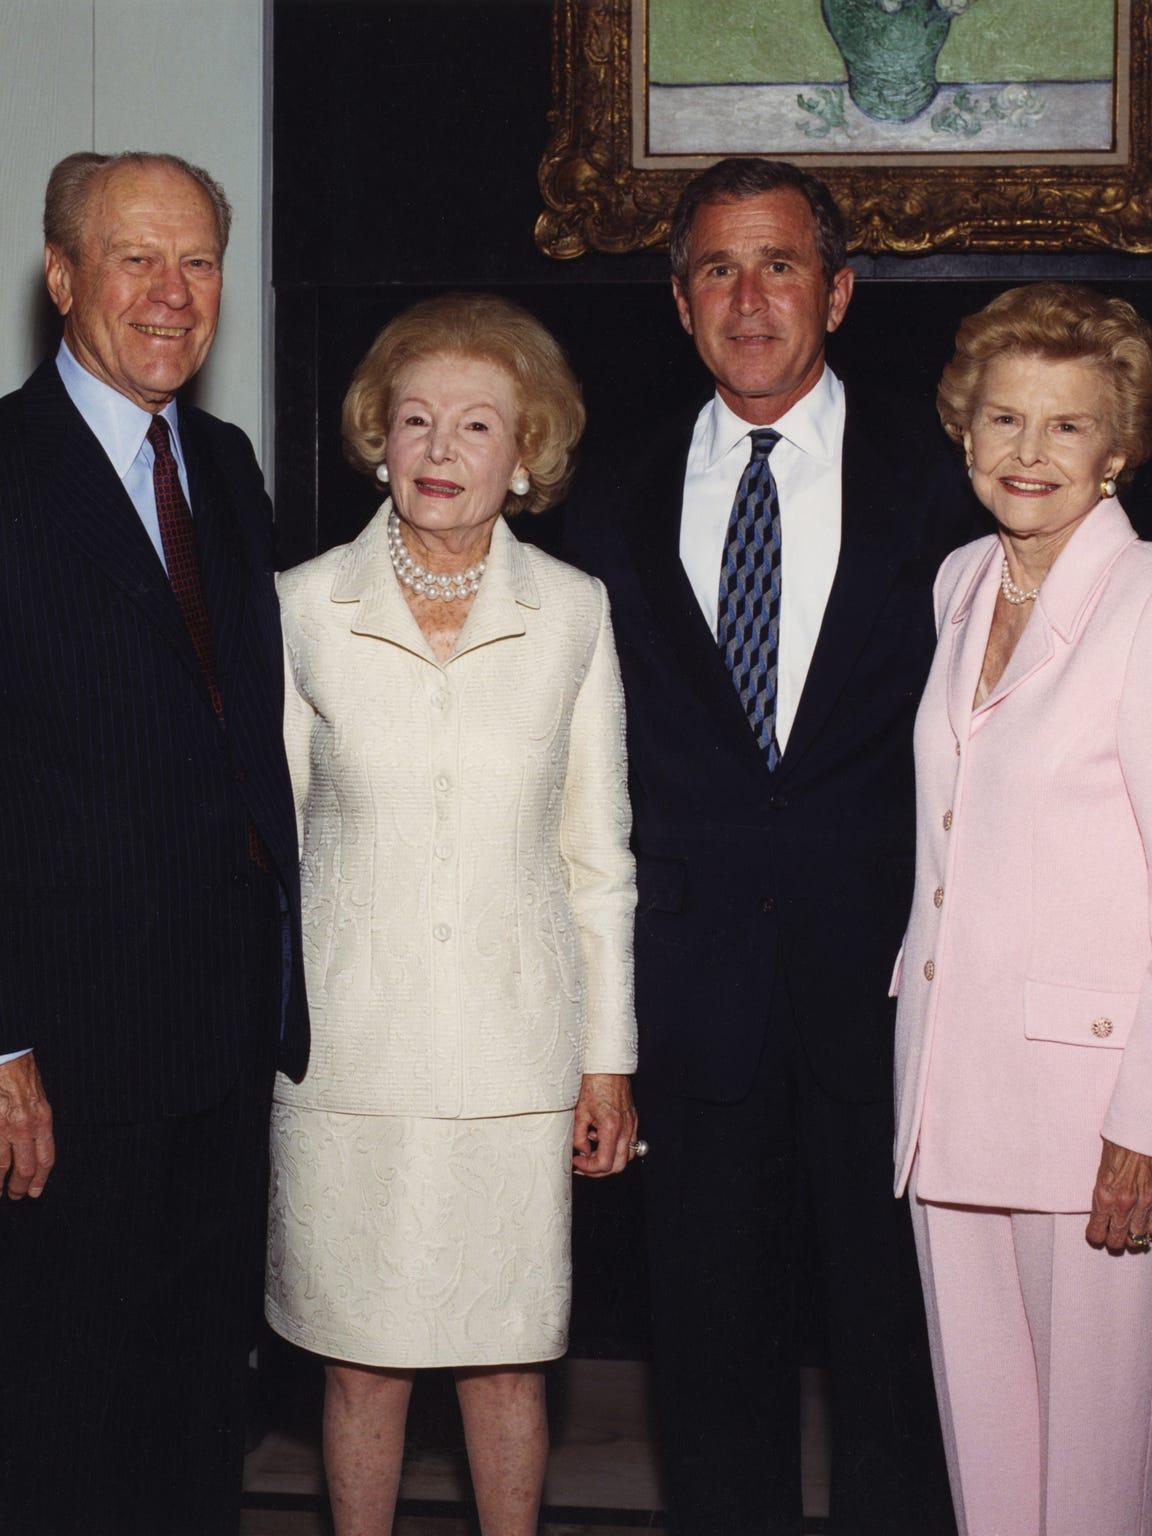 Former president Gerald Ford, Leonore Annenberg, President